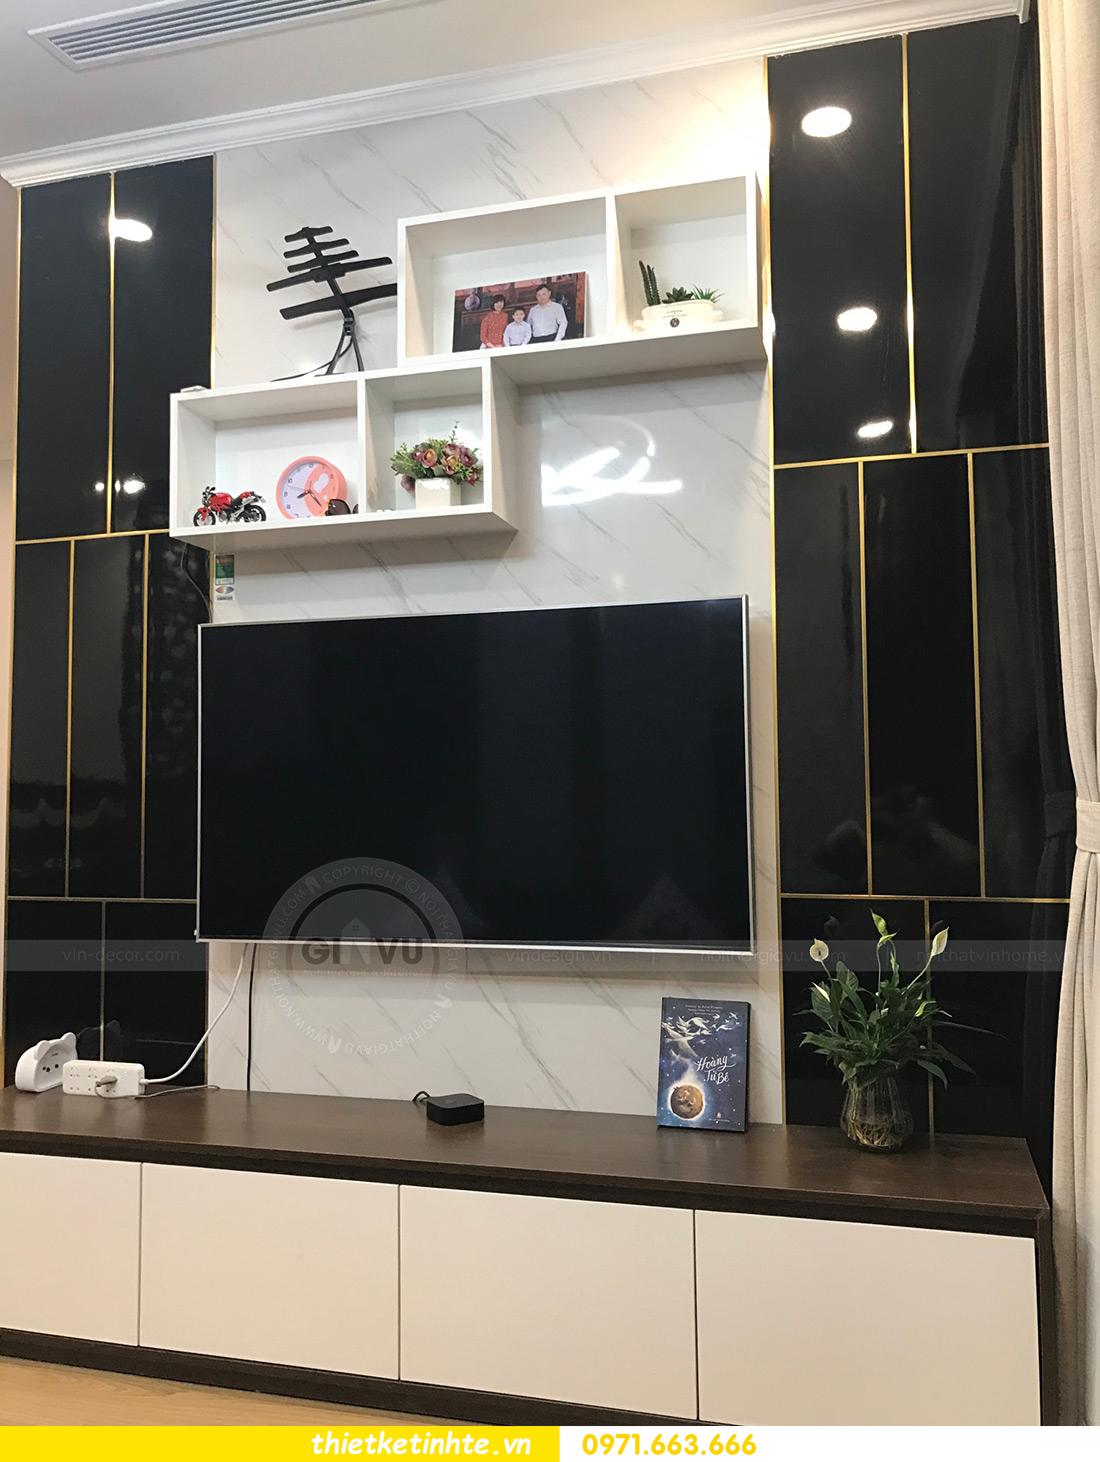 thi công hoàn thiện nội thất chung cư Gardenia chỉ với 200 triệu 03